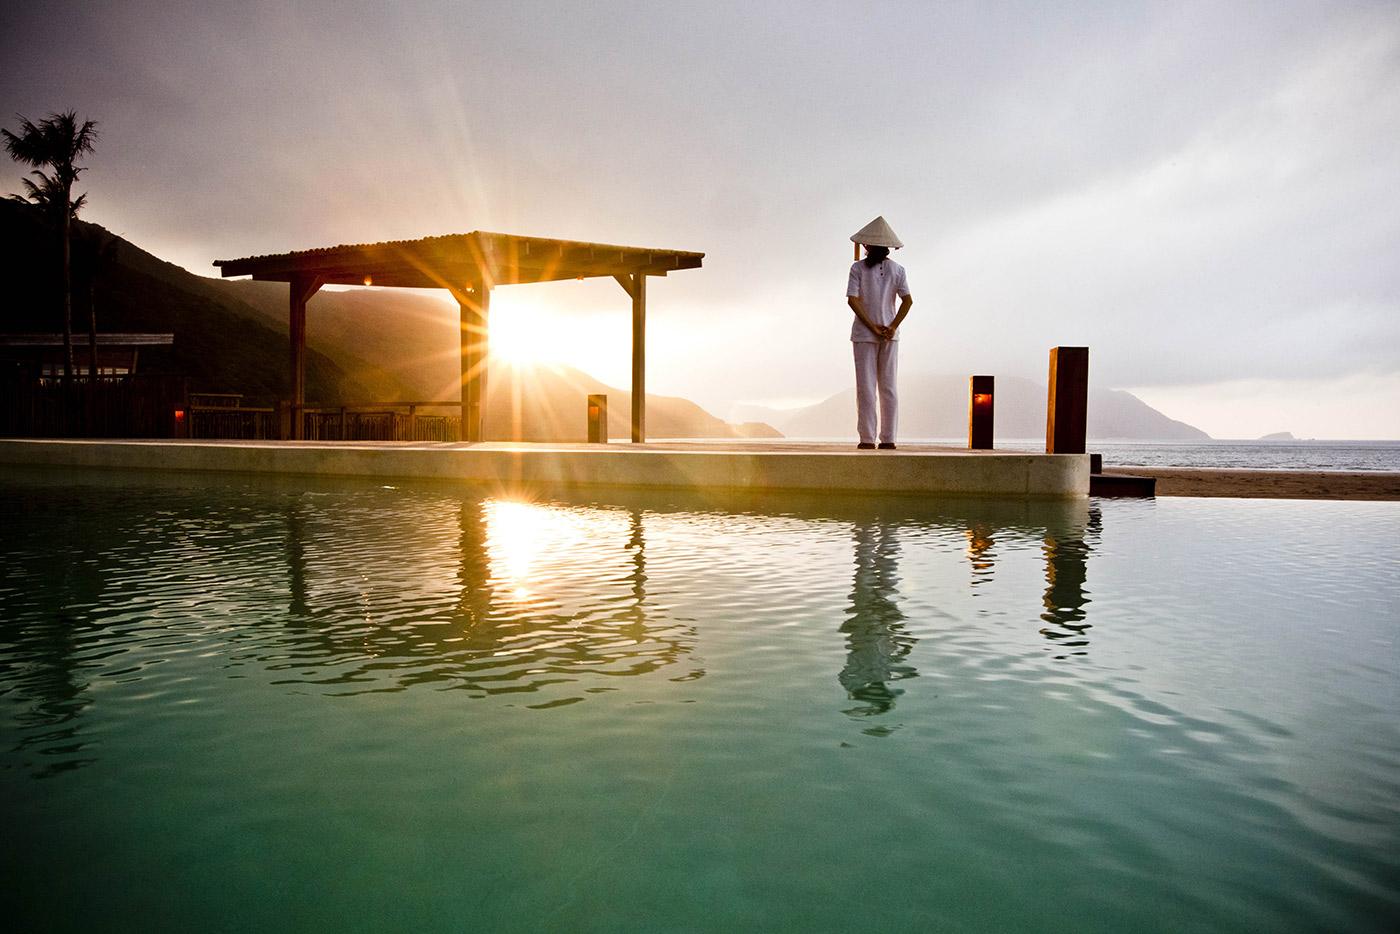 Das Como Resort auf Bali – Exklusivität und beste Erholung garantiert